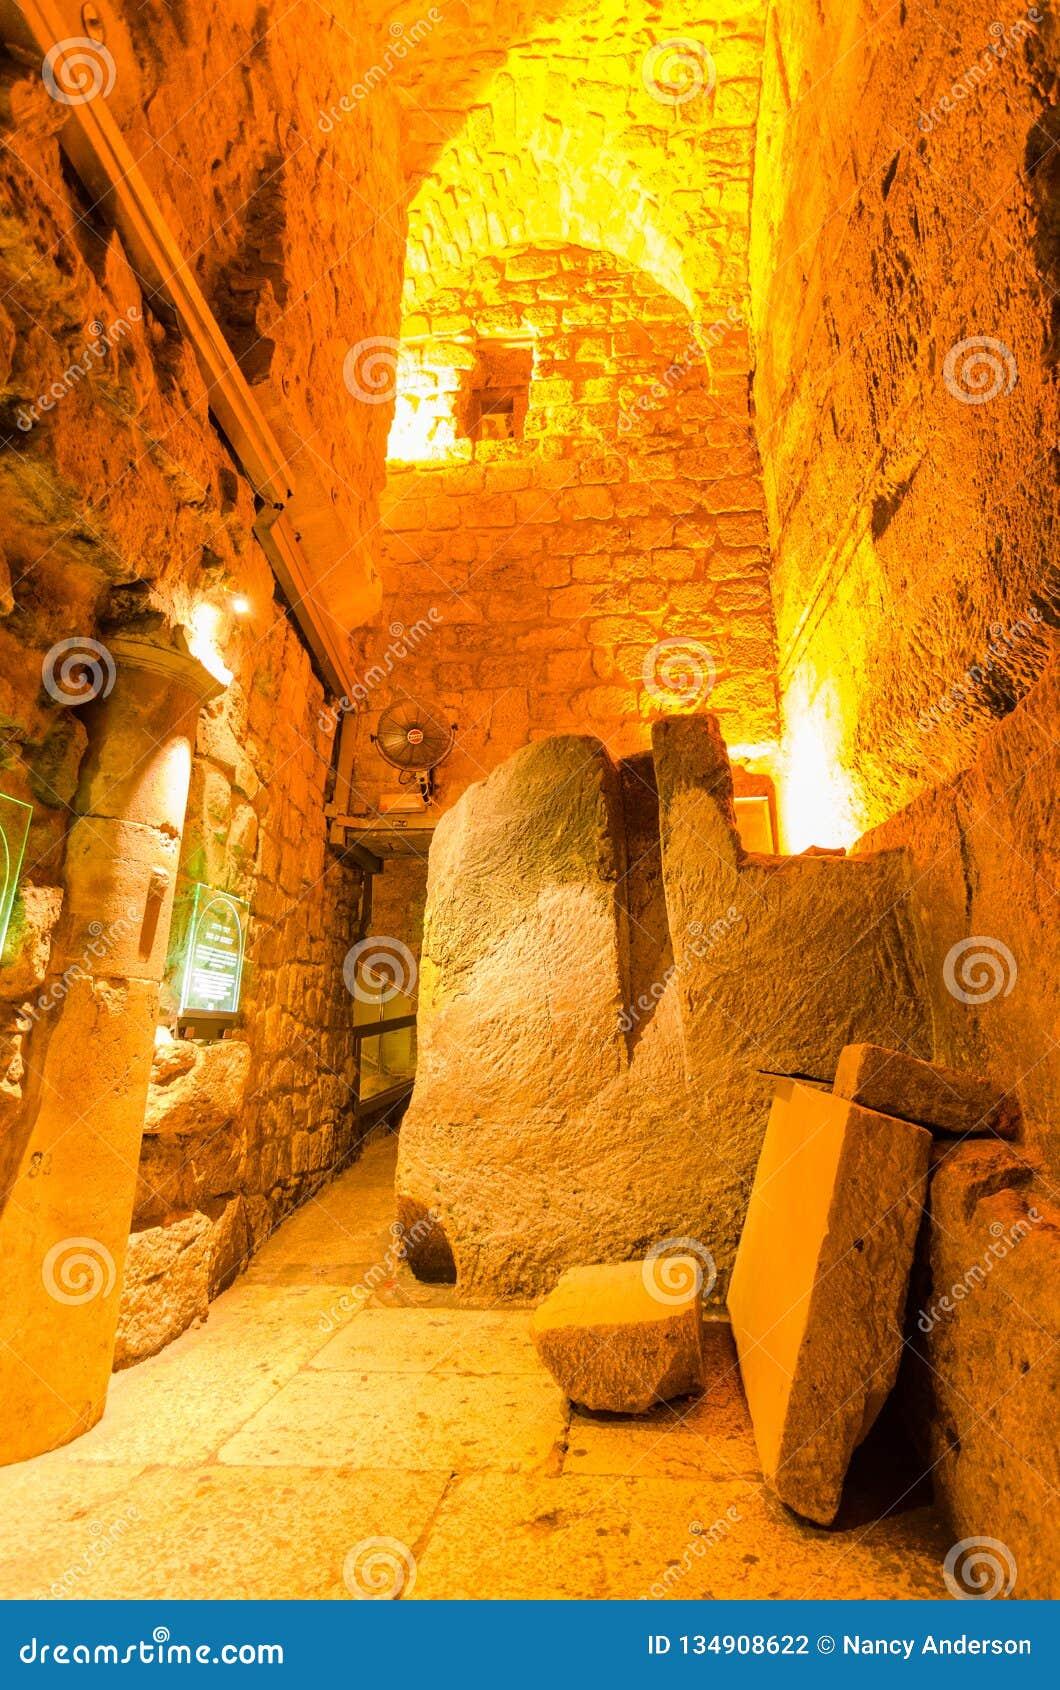 Herodian street underground in the Western Wall tunnels in Jerusalem, Israel